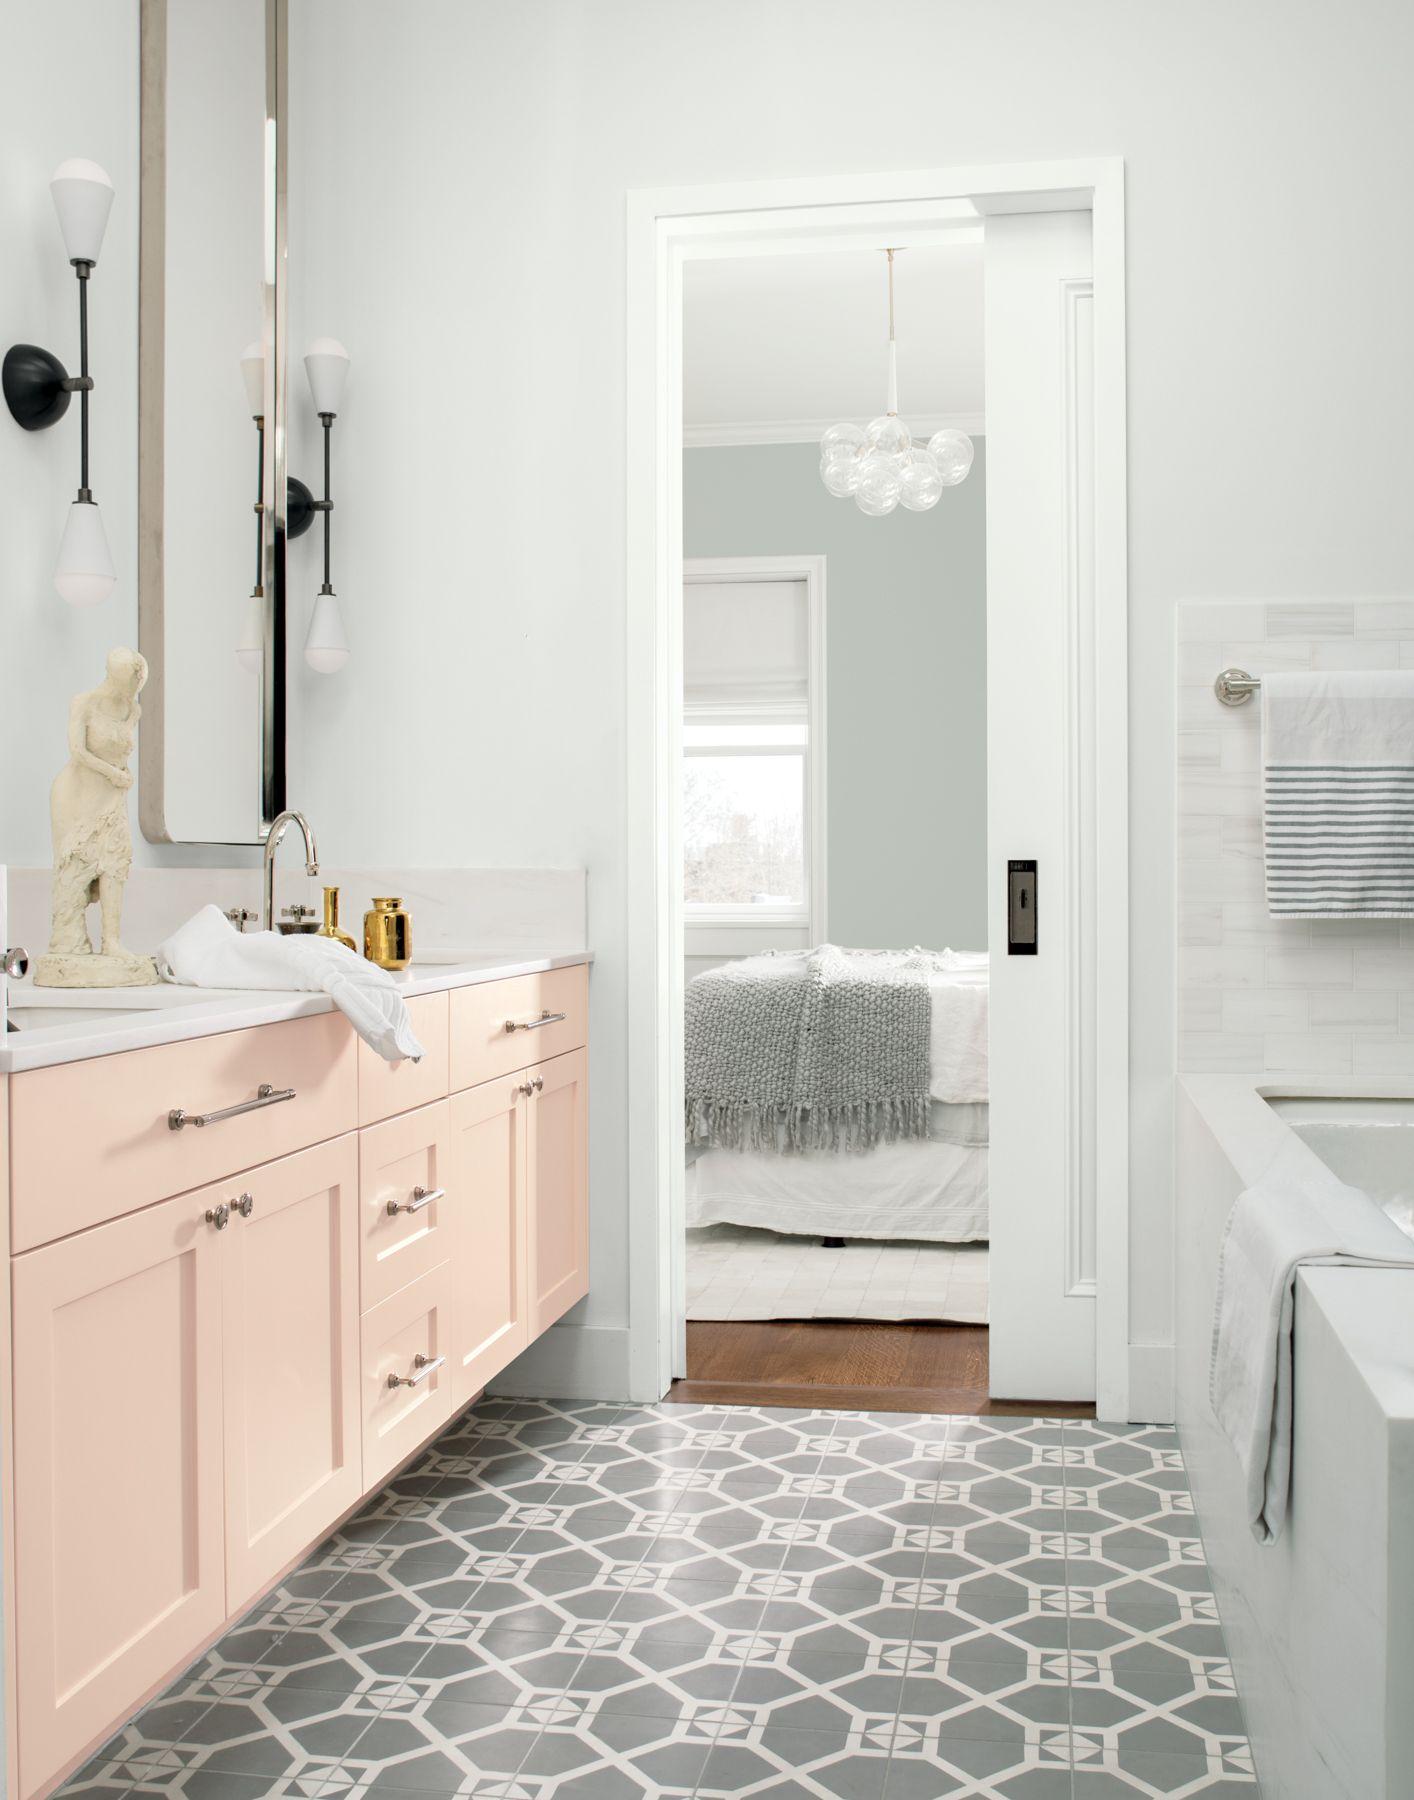 color trends 2019 most stylish interior paint decor colors rh elledecor com